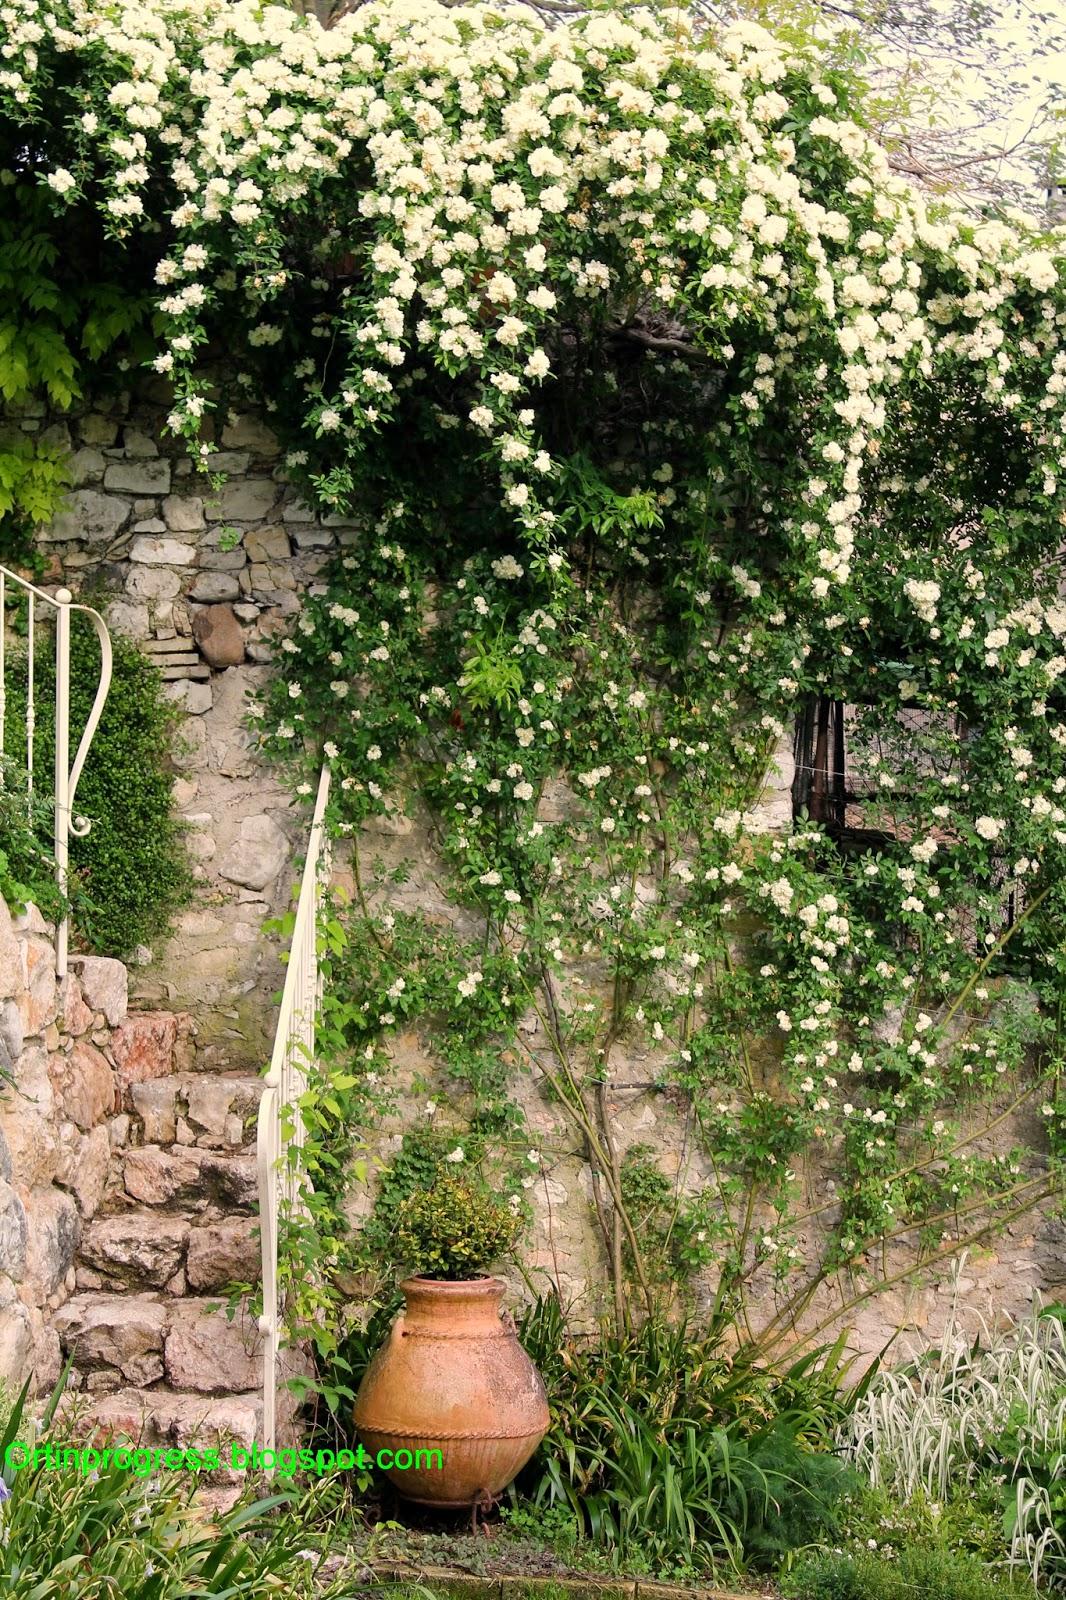 Orti in progress il giardino di casa biasi for Organizzare il giardino di casa